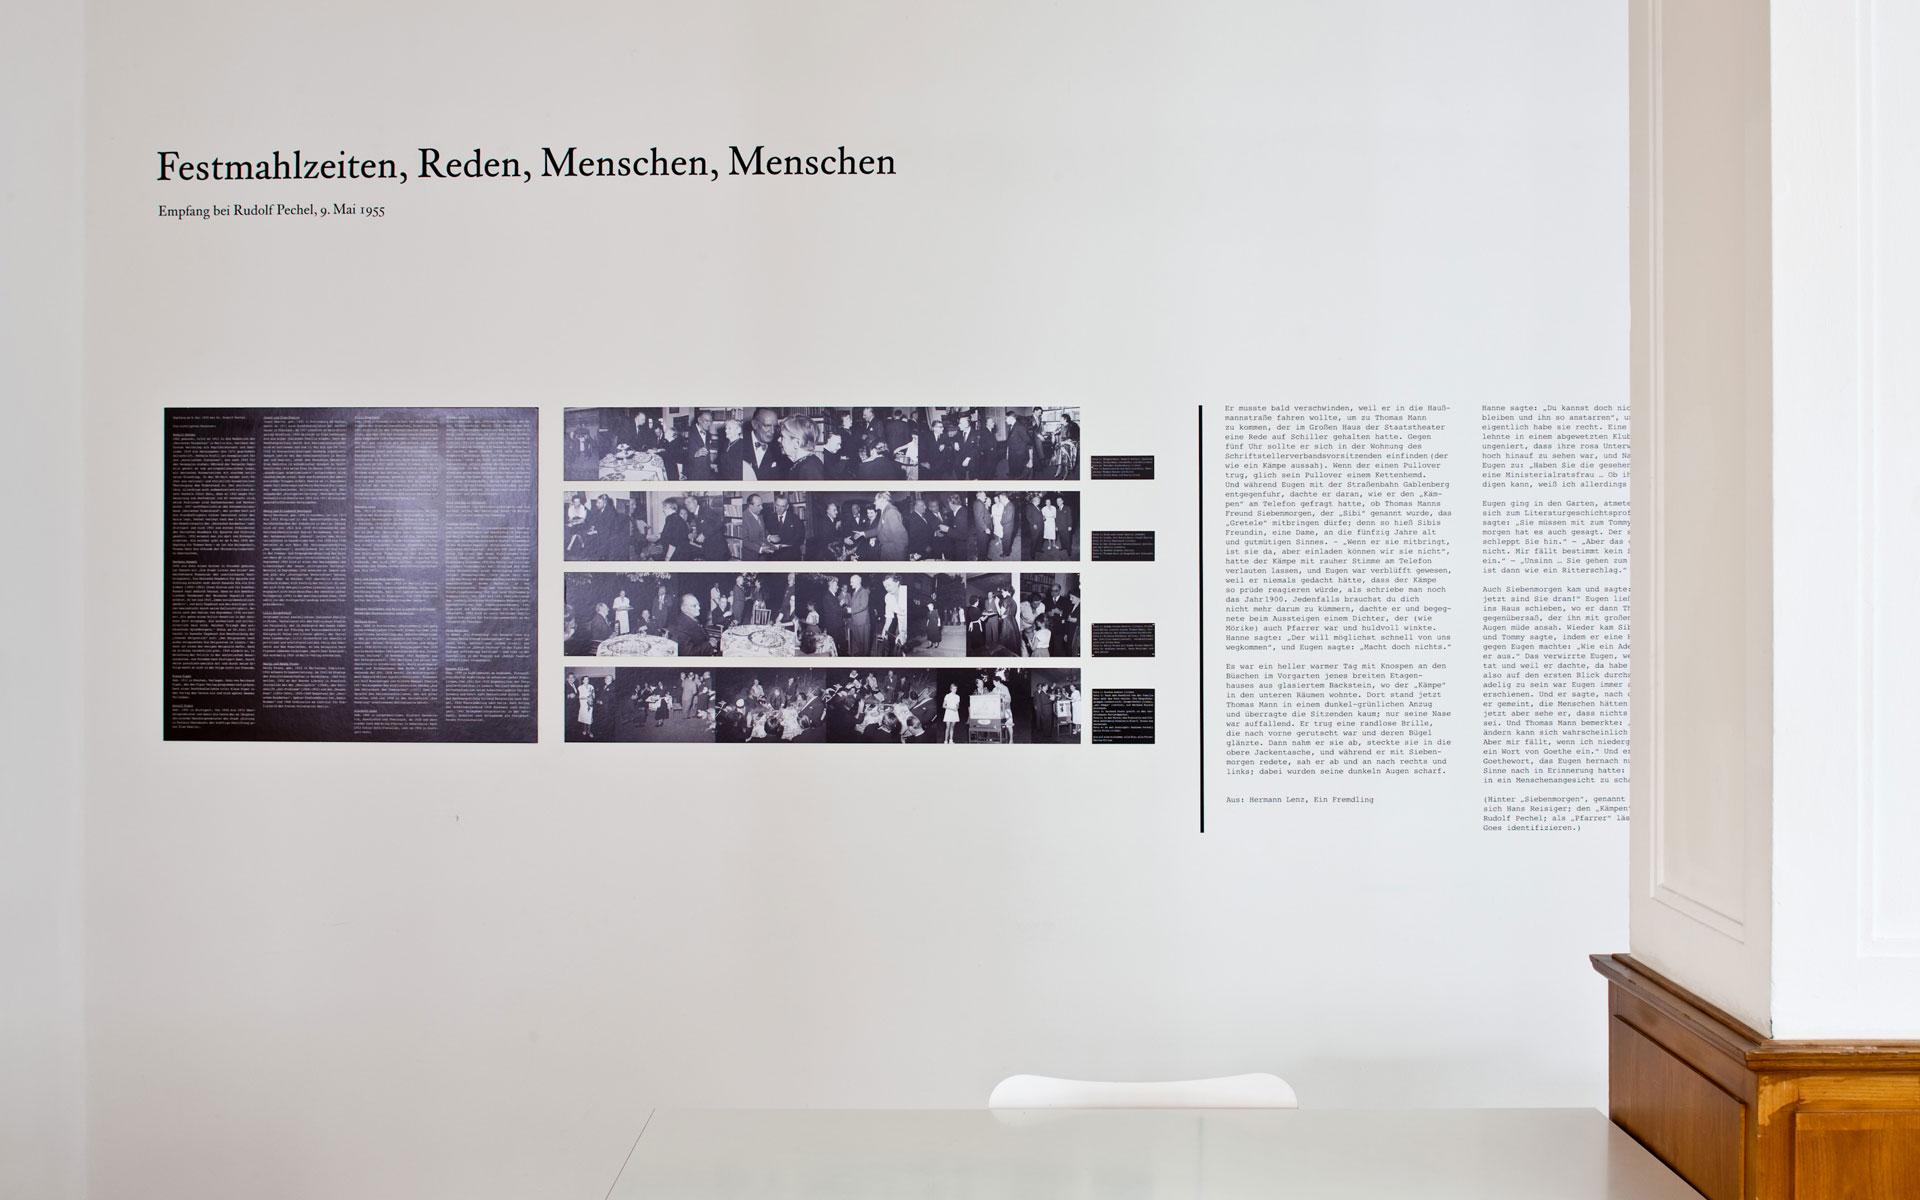 Thomas Mann in Stuttgart,                                                                                                                                              Sonntag, 27.09.09                      -                          Samstag, 30.01.10                                                                               <br/>(c) die arge lola